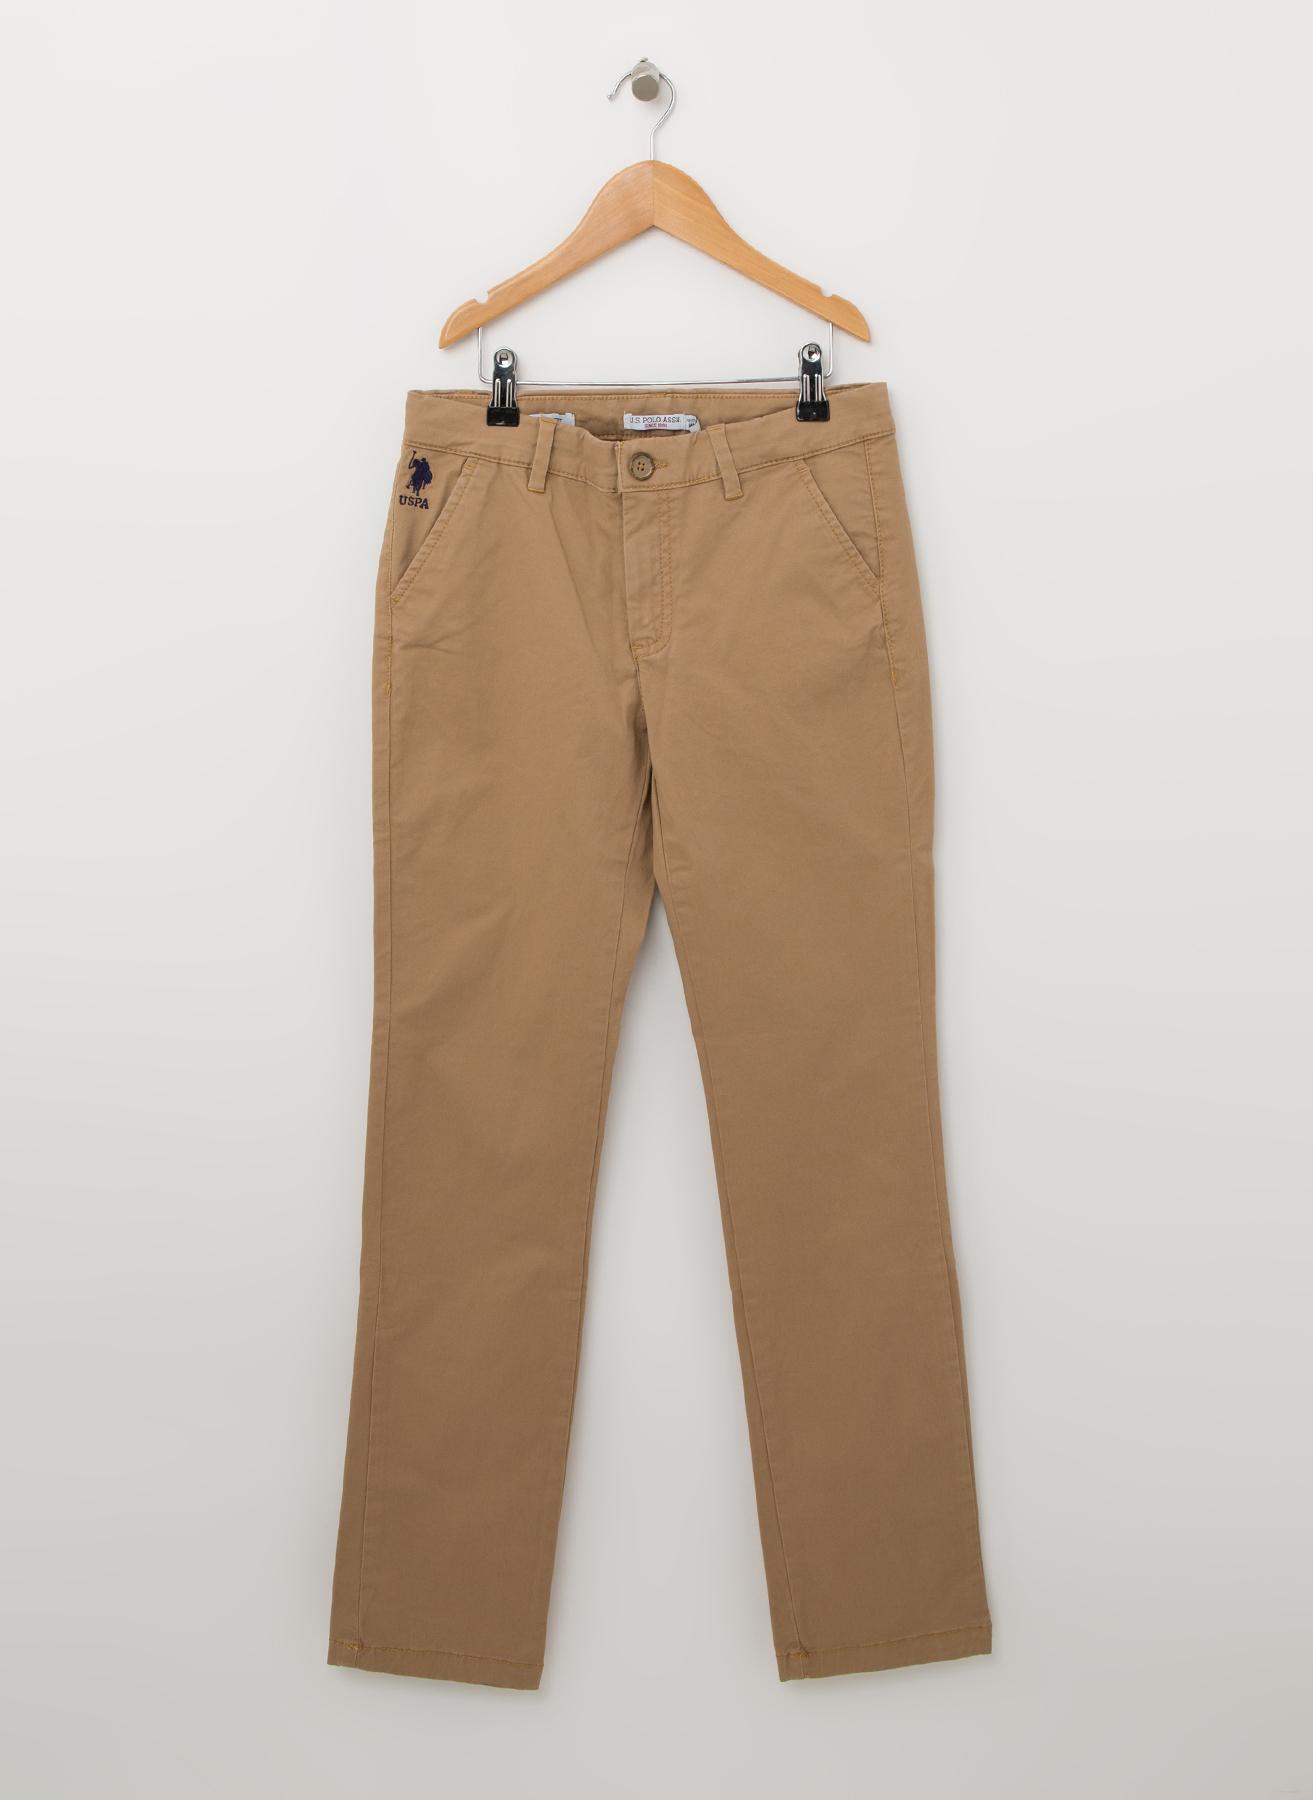 U.S. Polo Assn. Pantolon 10 Yaş 5001704574001 Ürün Resmi